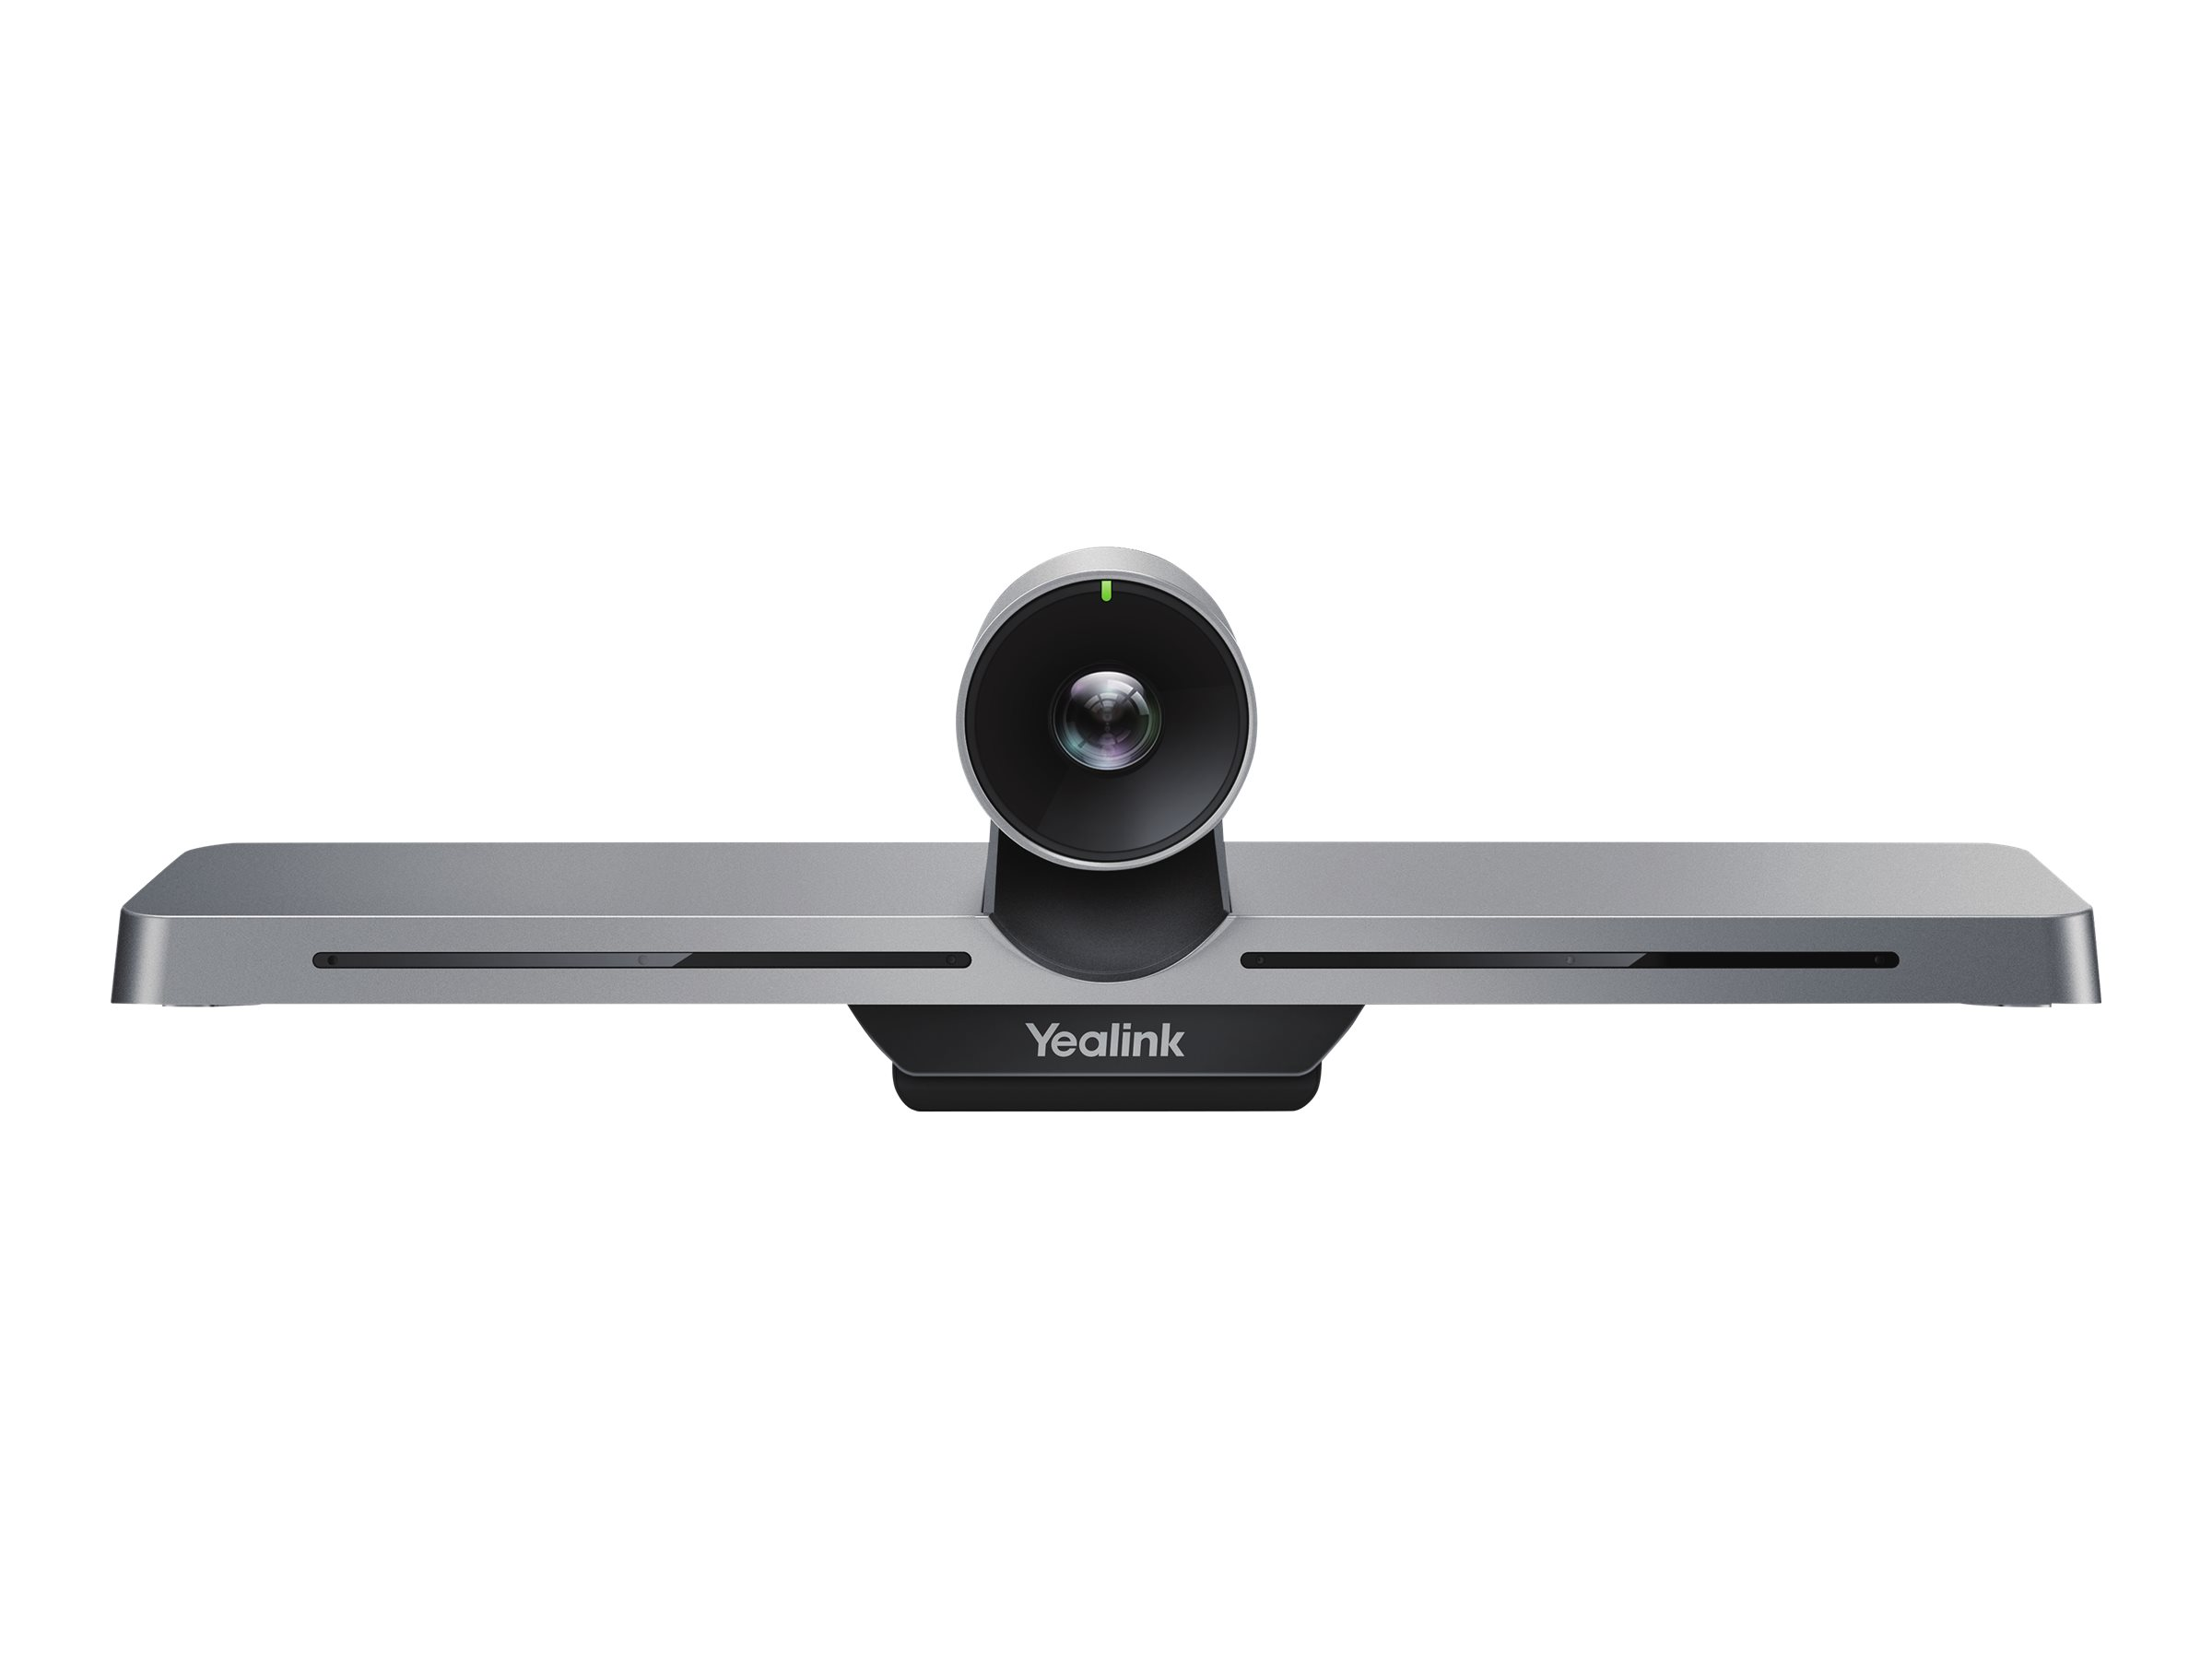 Vorschau: Yealink VC210 - Teams Edition - Videokonferenzkomponente